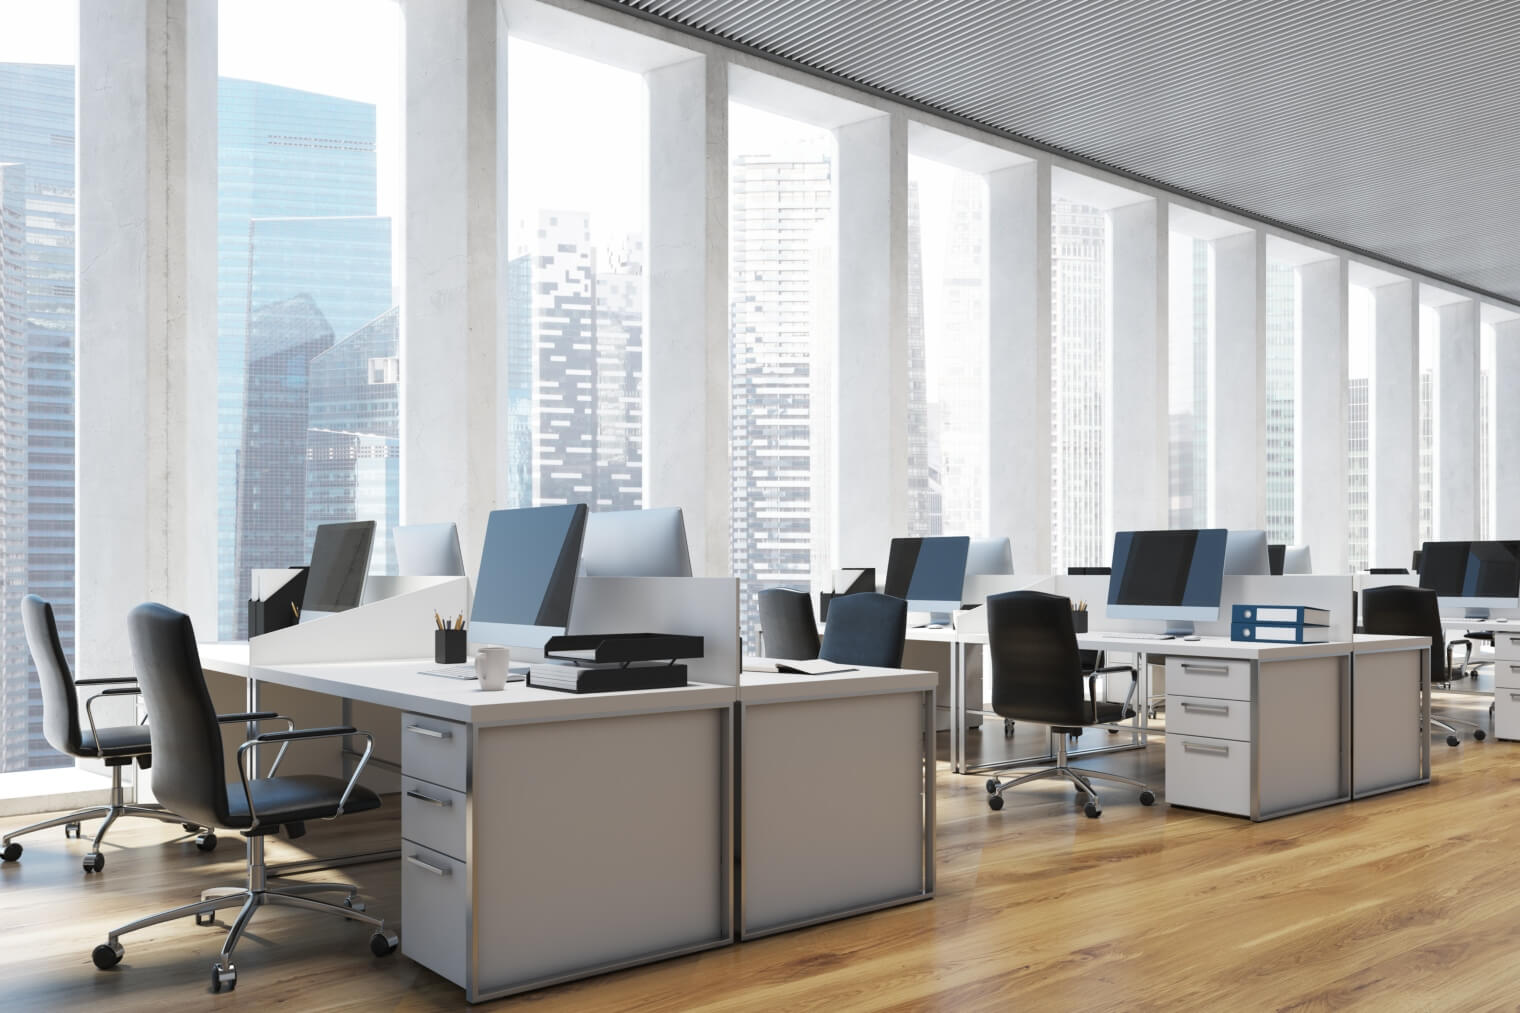 オフィス備品の収納、整理方法とは?らくらく管理の整理術教えます!